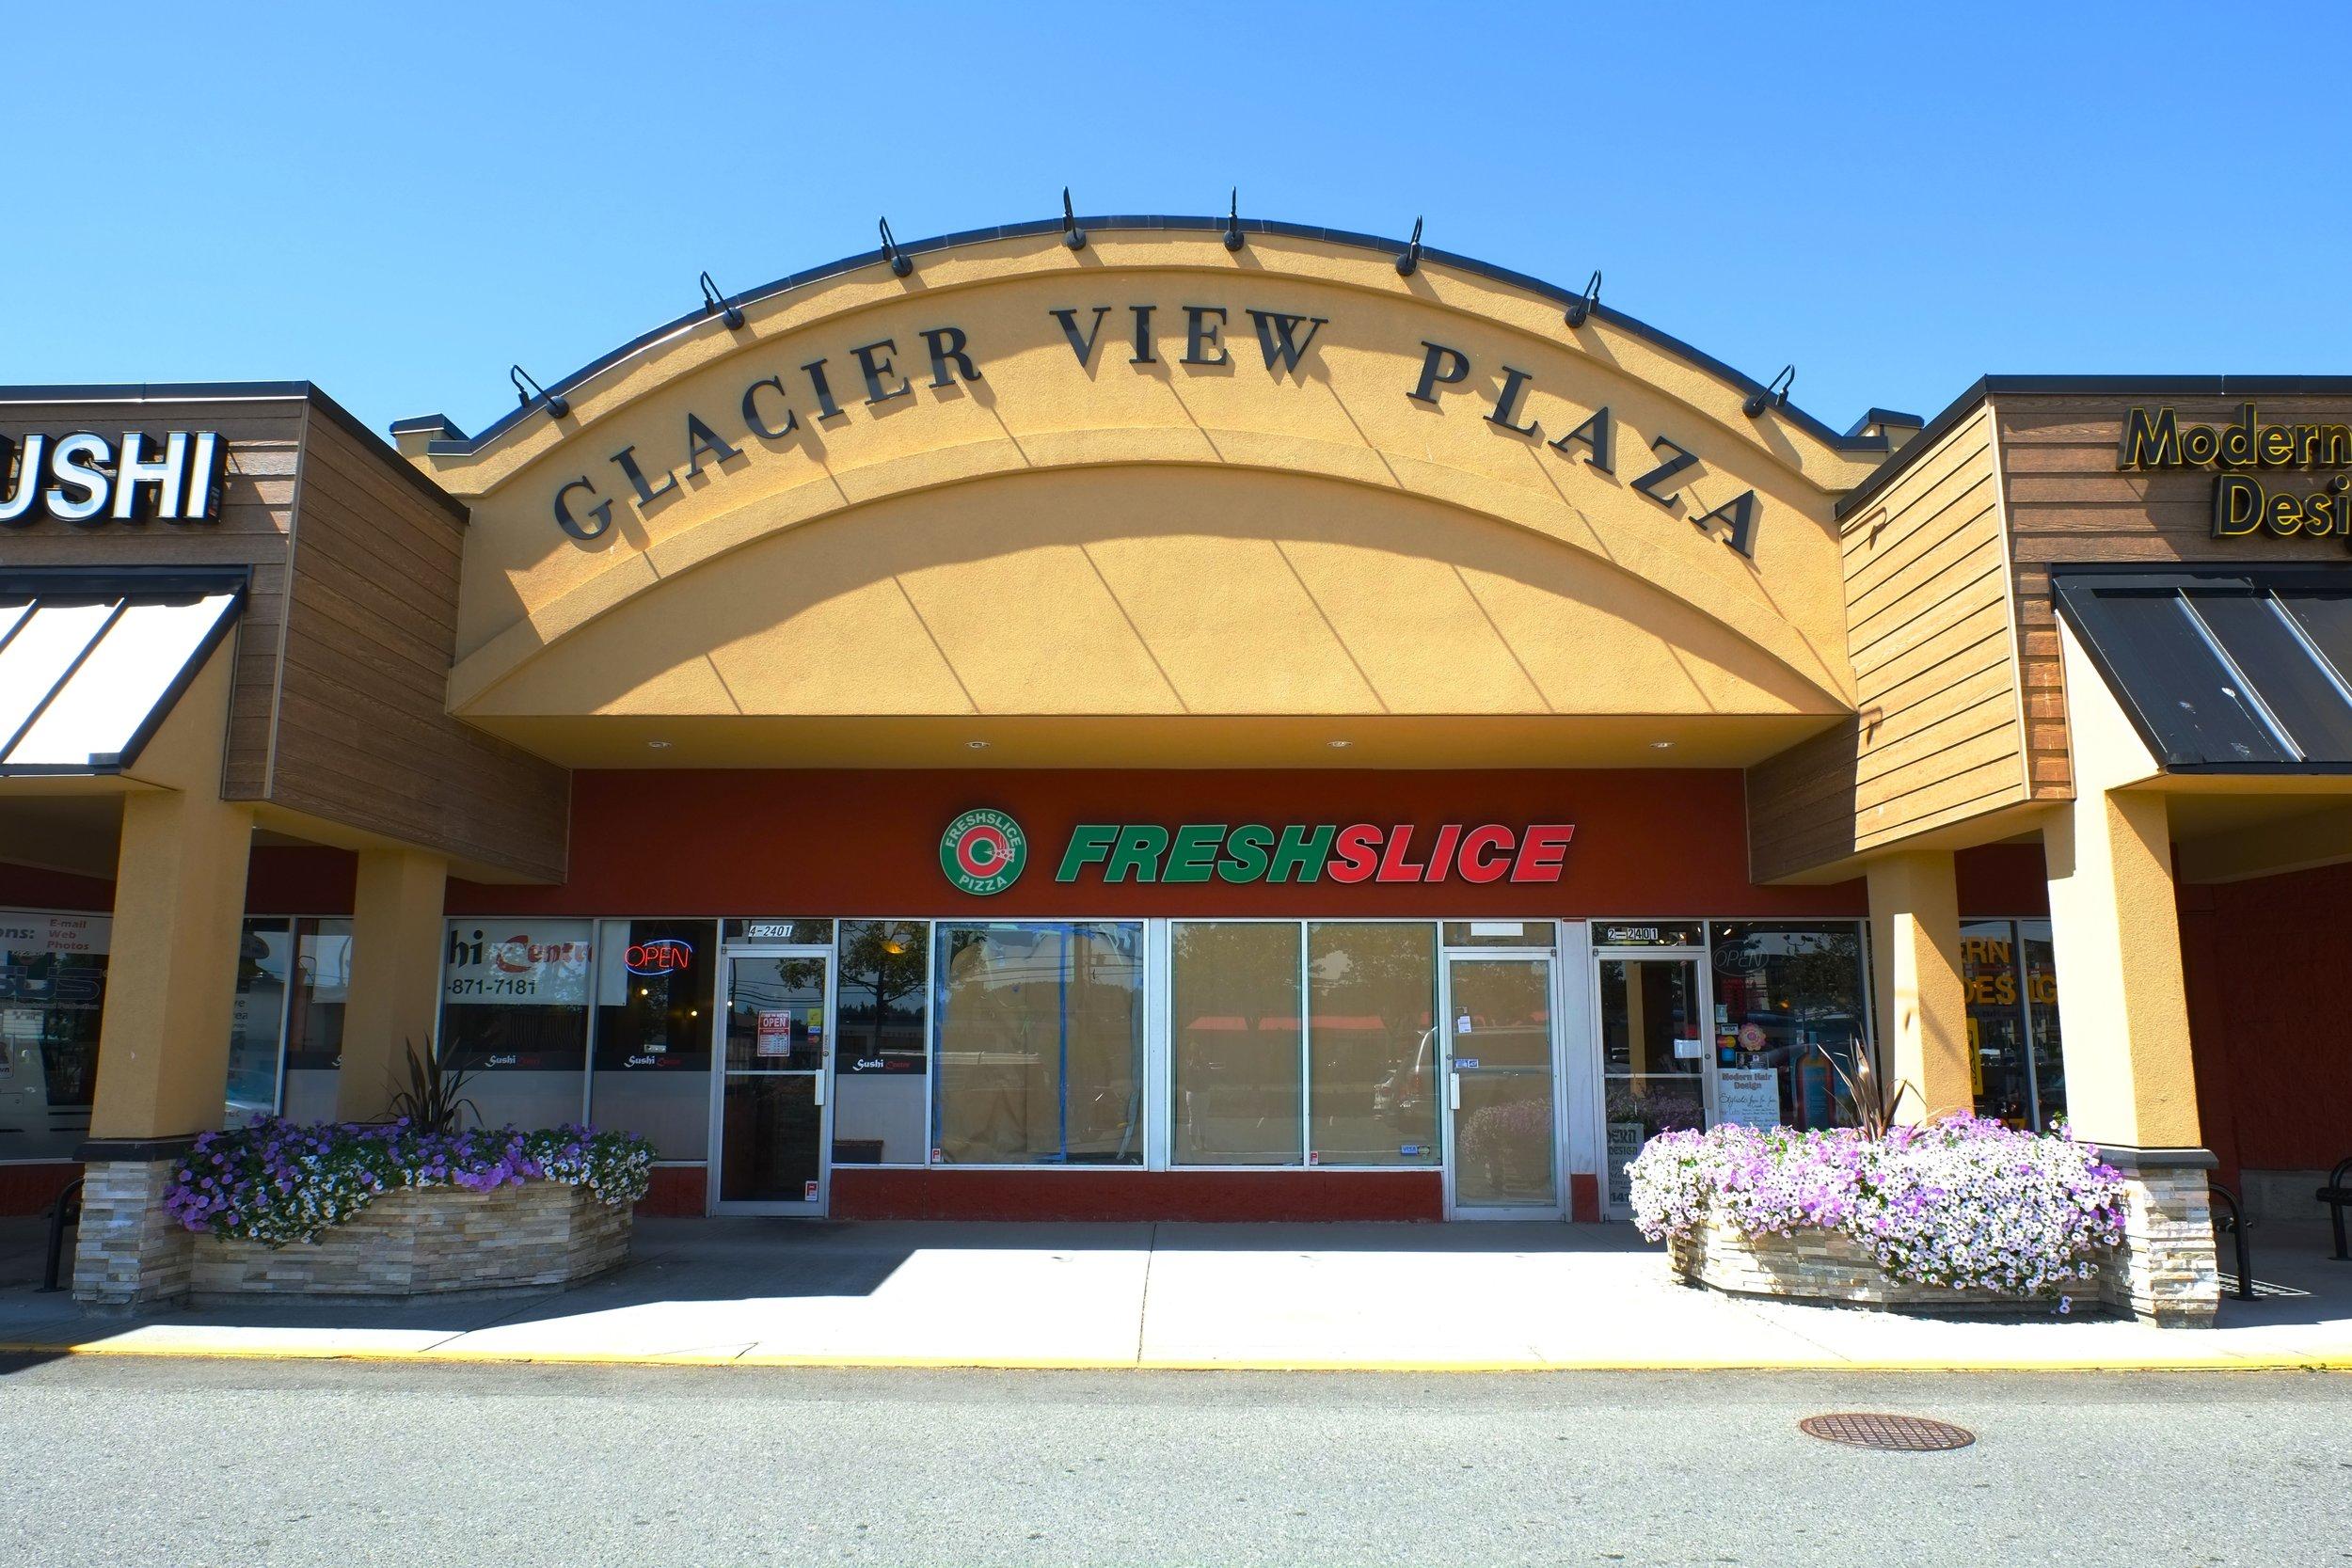 Glacier View Plaza 11.jpg